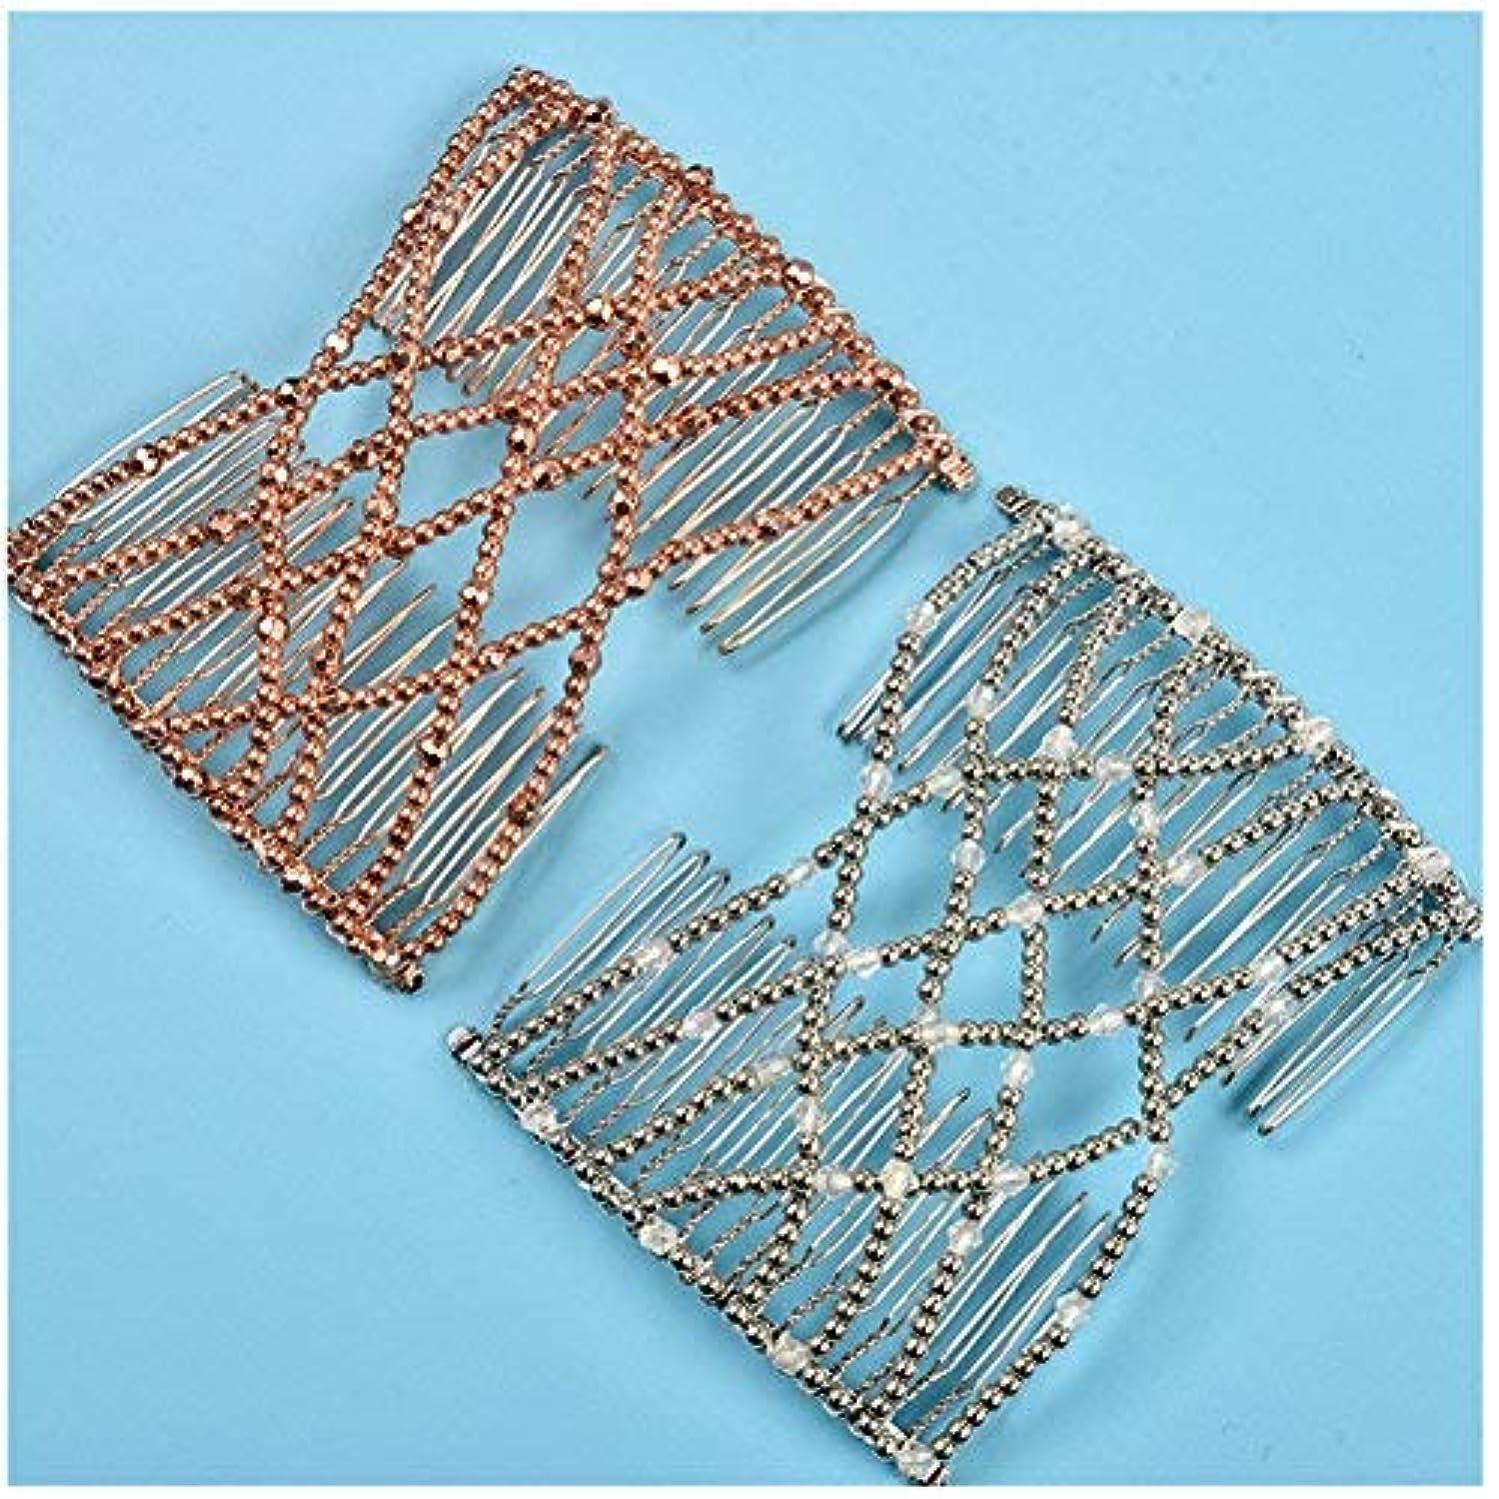 受信機分岐するラップトップLovef 2pcs Fashion Magic Beaded Elasticity Double Hair Comb Clip Stretchy Women Hair Accessories [並行輸入品]